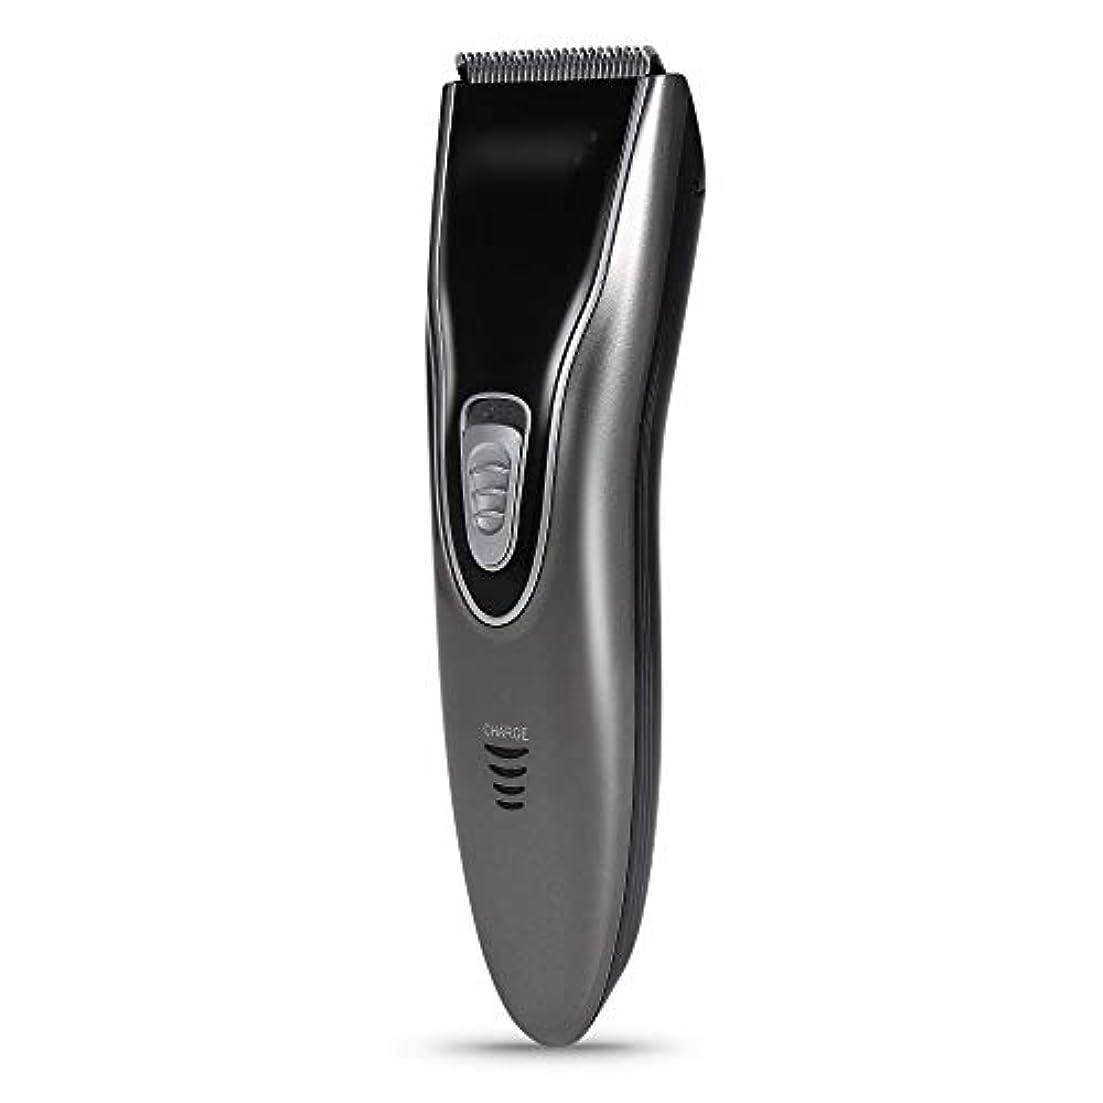 特権機関スカーフWAKABAFK 充電式バリカン電気かみそりバリカンかみそりシェーバーヘアトリマー散髪機散髪